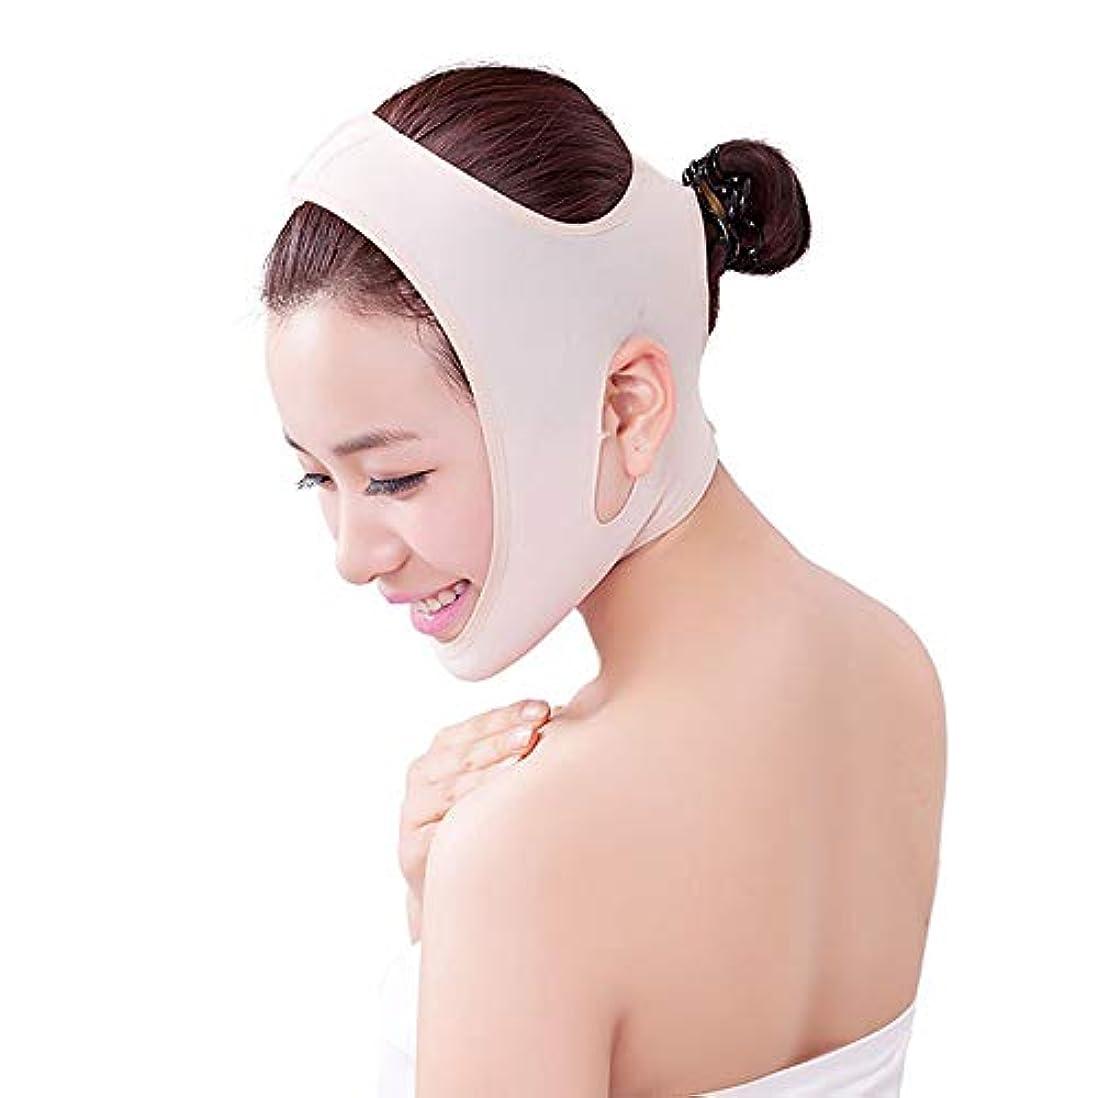 魔女シングル期間GYZ 顔の持ち上がる痩身ベルト - アンチエイジングリンクルフェイスマスクベルトあなたの顔のためのすばらしい試し二重あごの試し Thin Face Belt (Size : L)